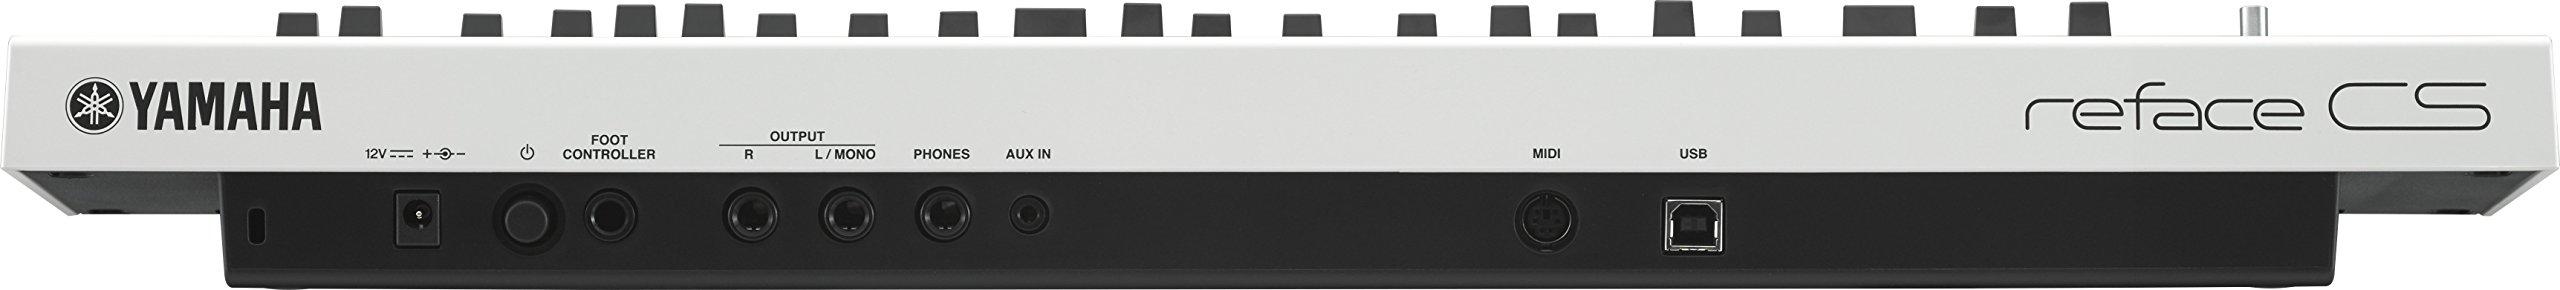 Yamaha REFACE CS Portable Analog Modeling Synthesizer by Yamaha (Image #2)